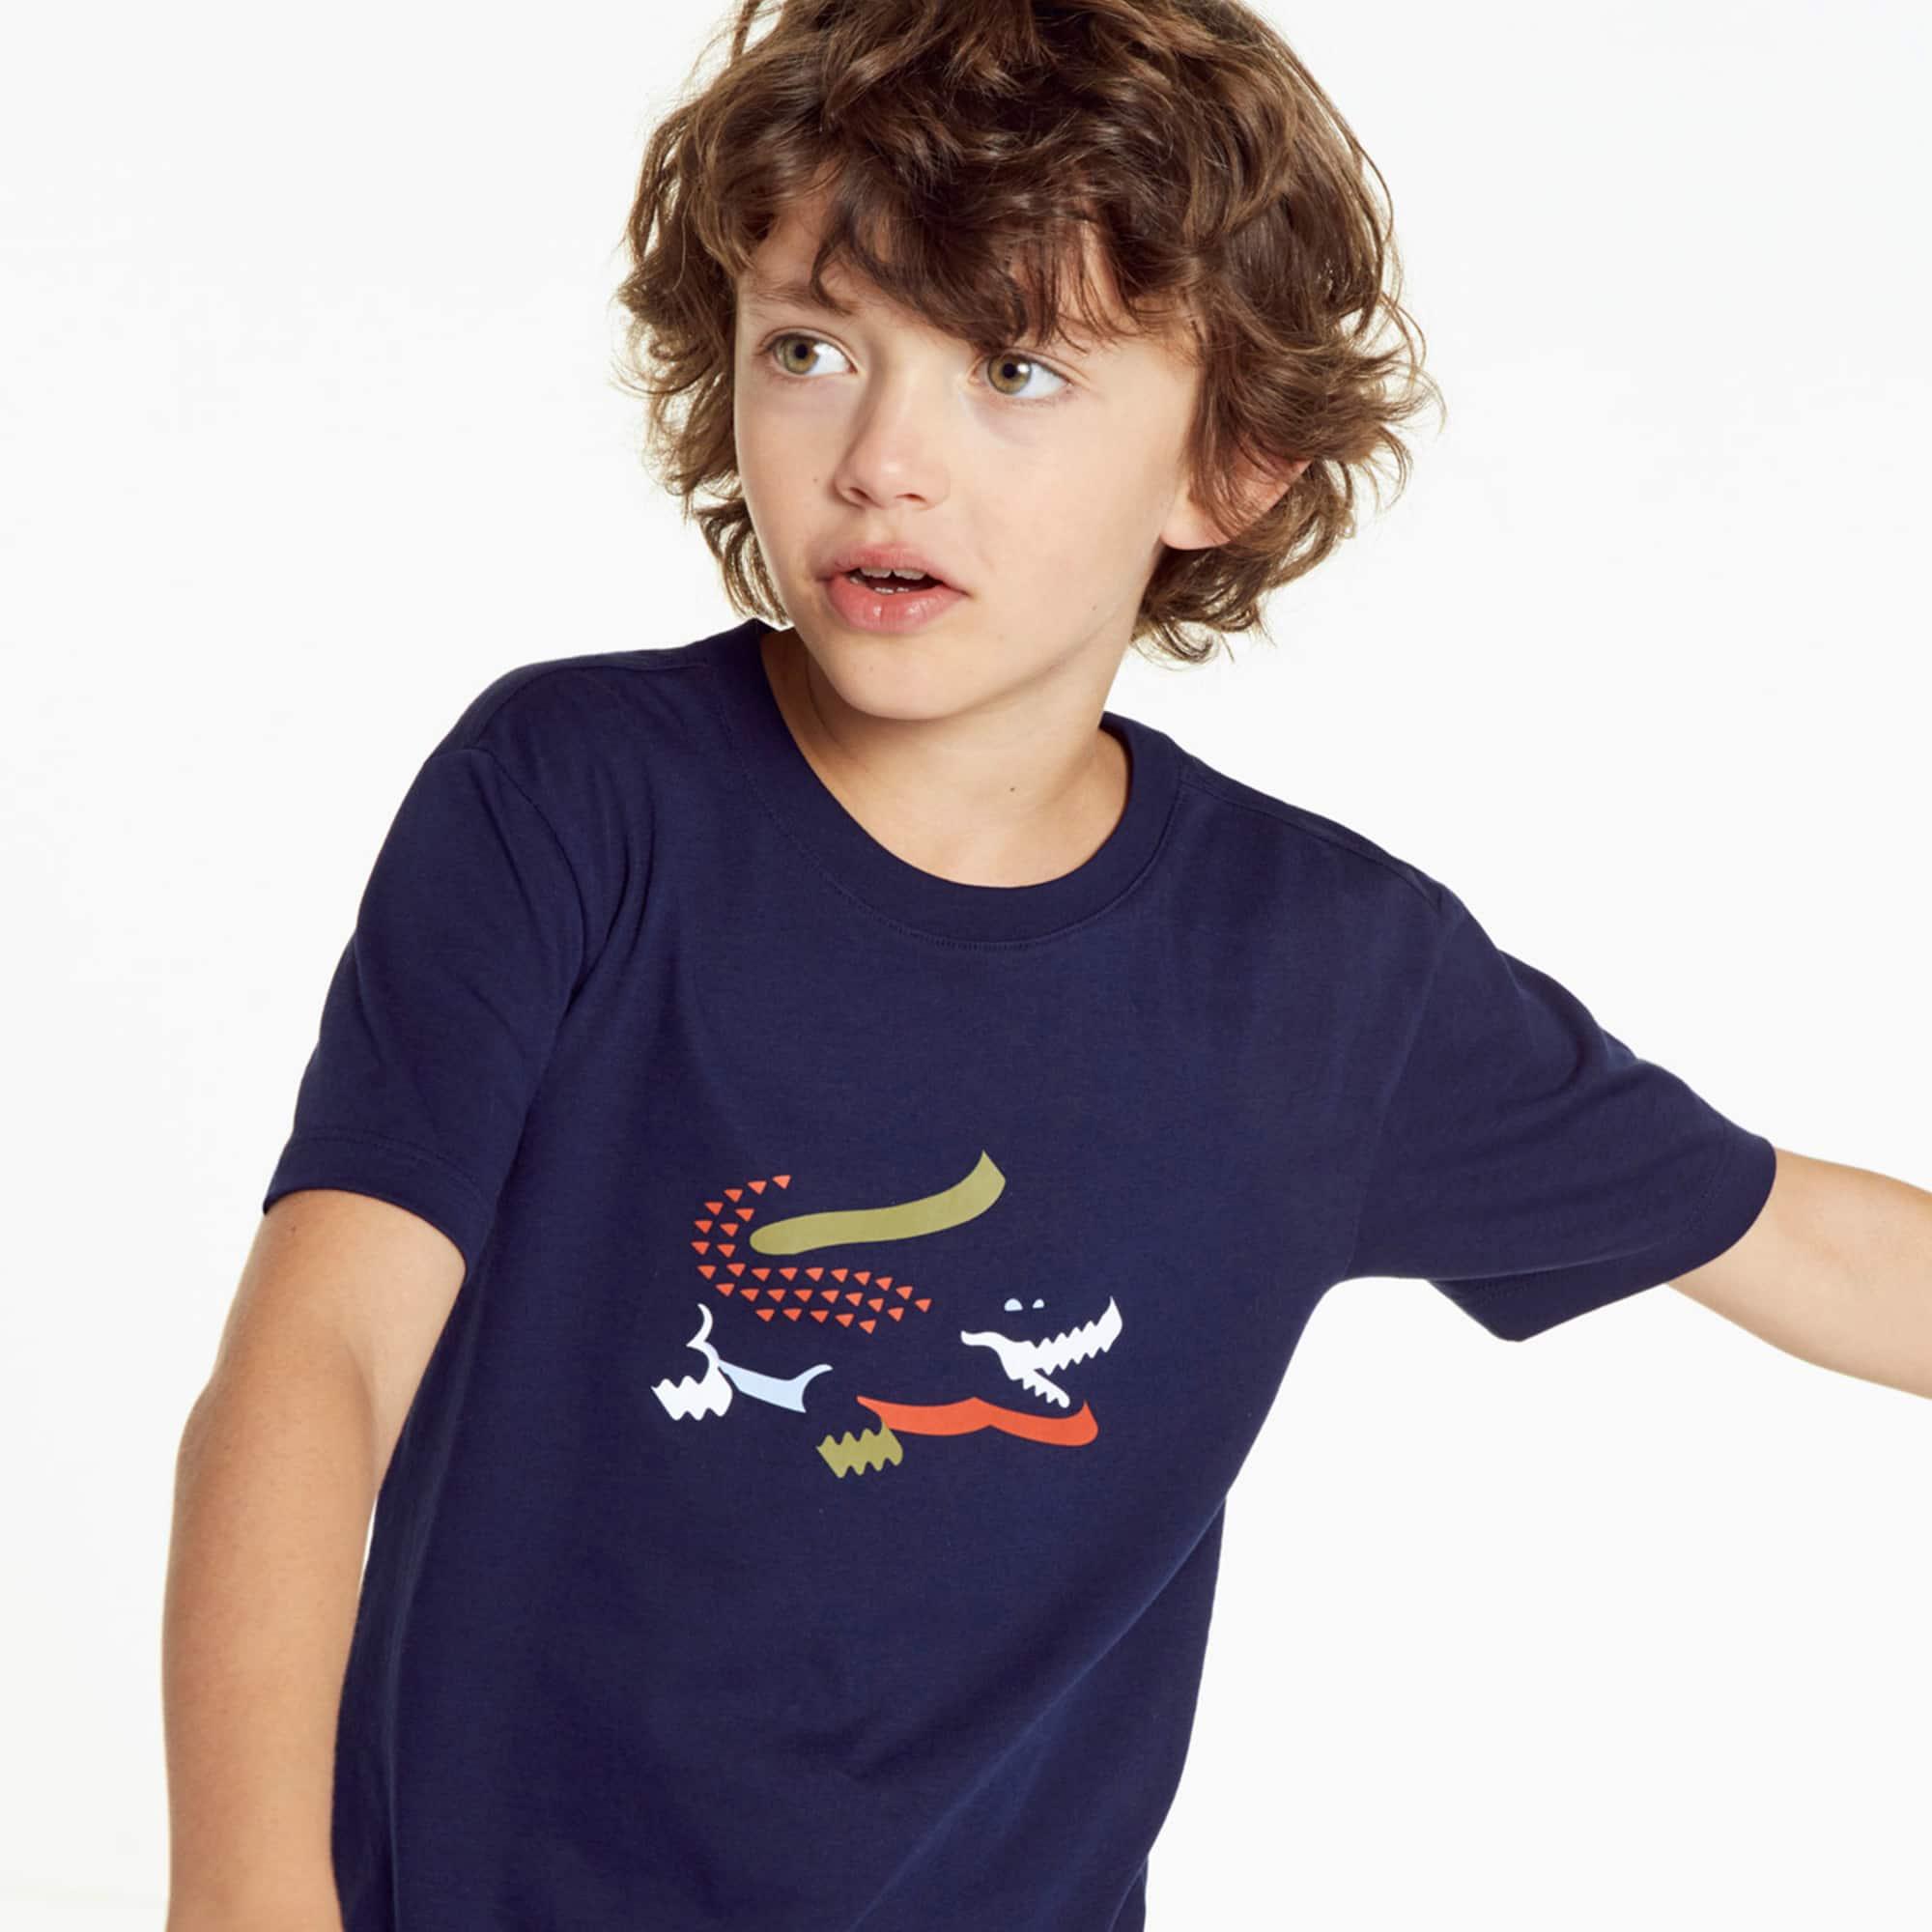 (키즈) 남아용 크록 프린팅 인디고 저지 크루넥 티셔츠